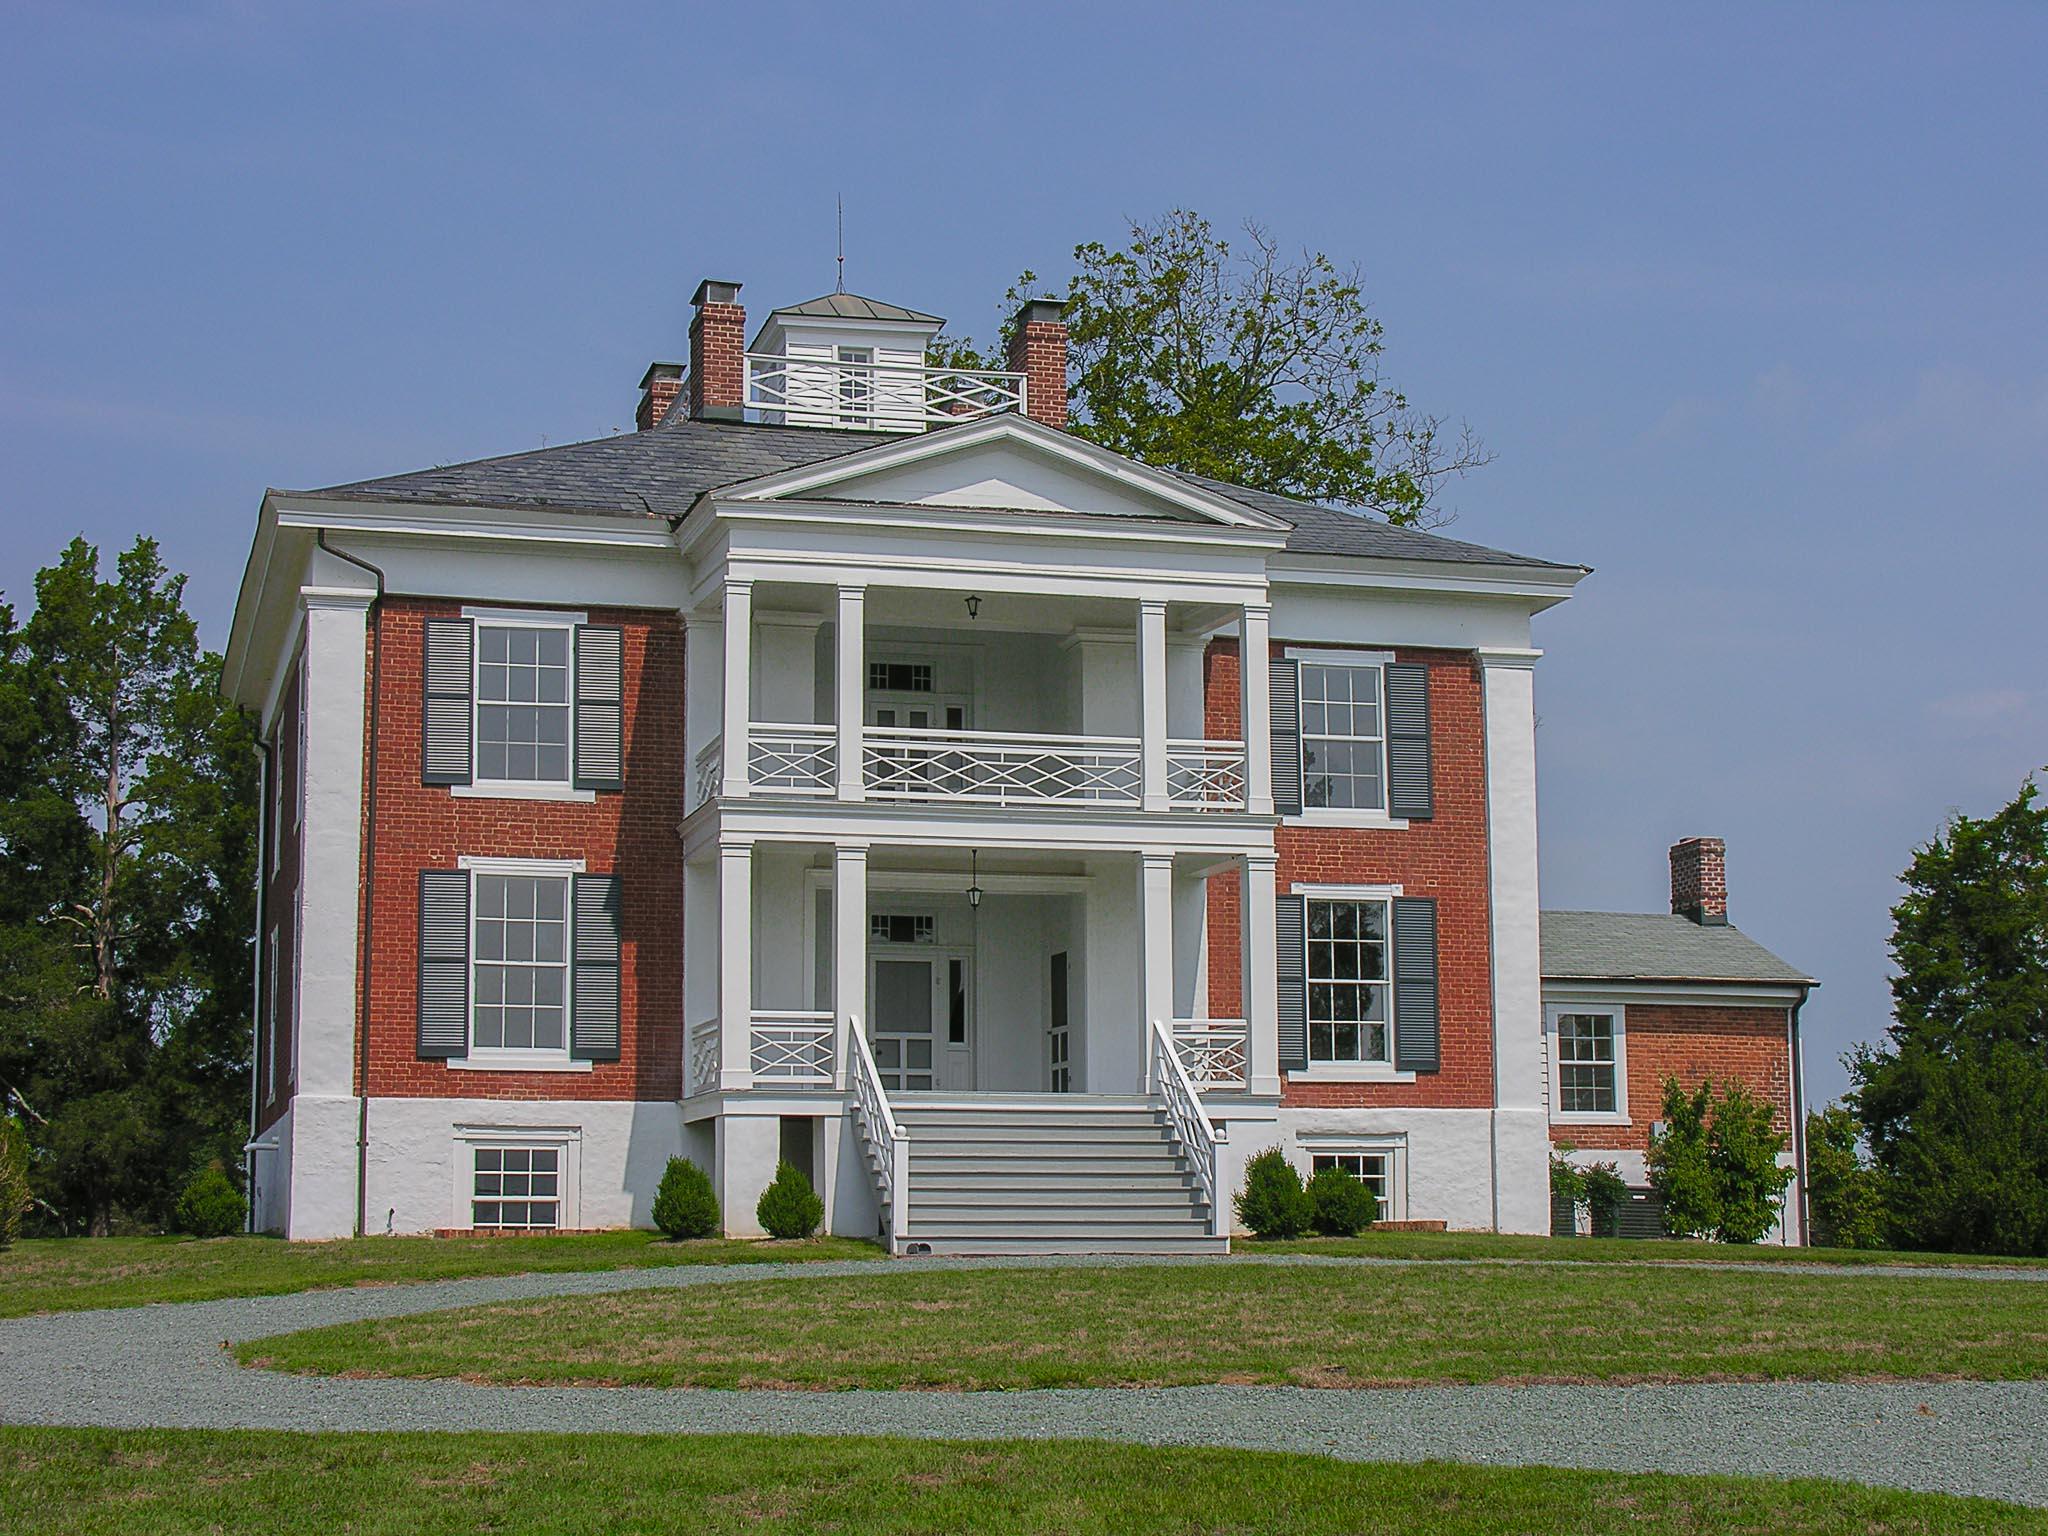 Virginia Estate for Sale, 4336 Monticola Road in Esmont